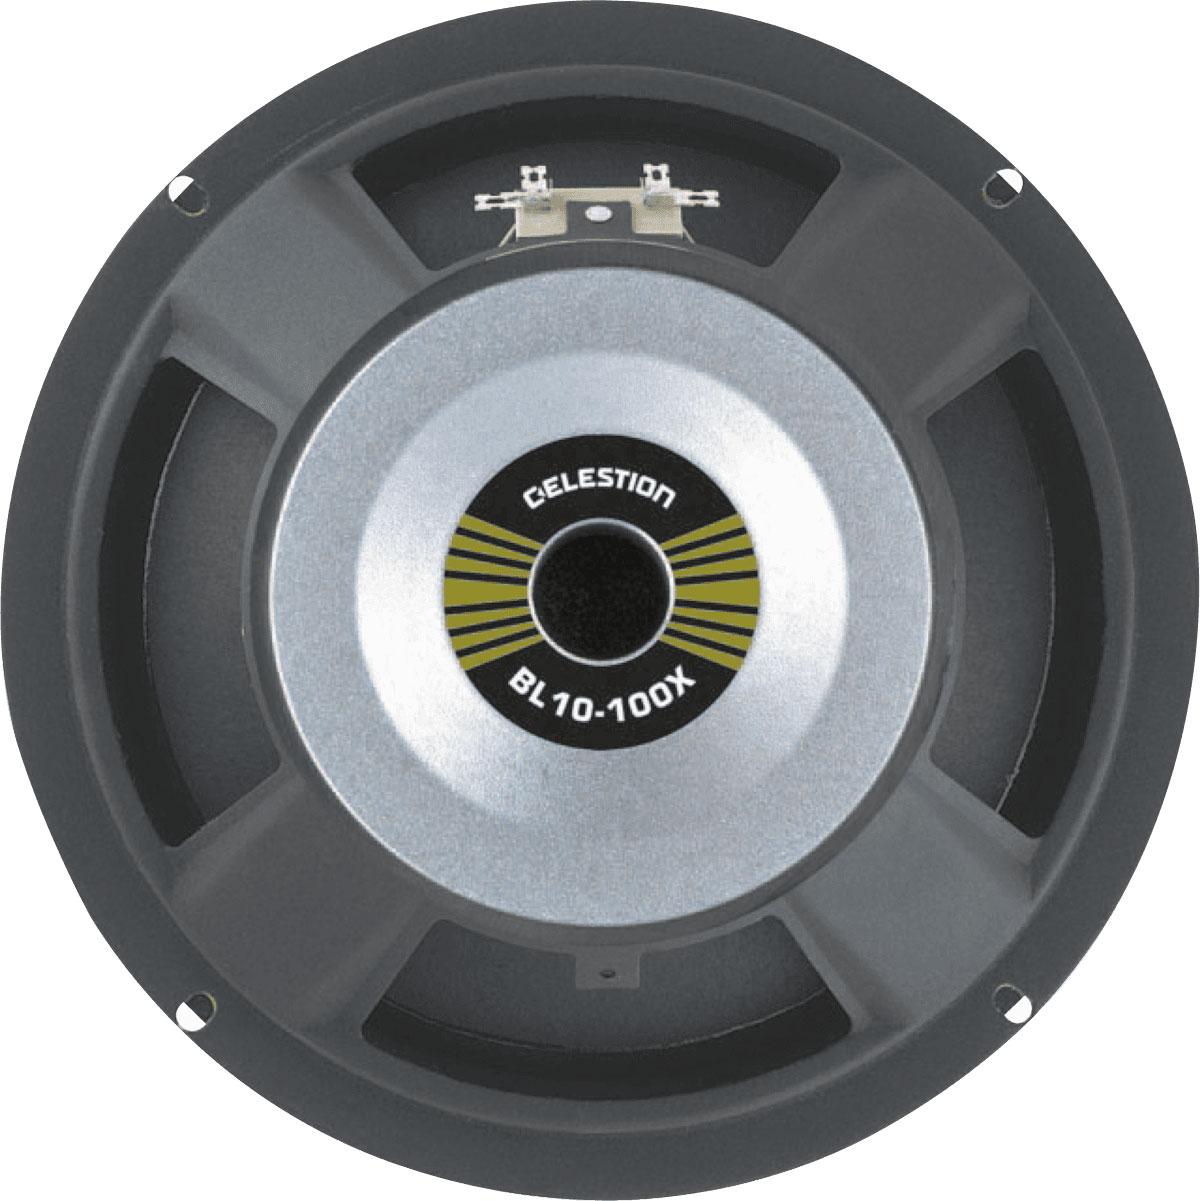 Celestion Bl10-100x